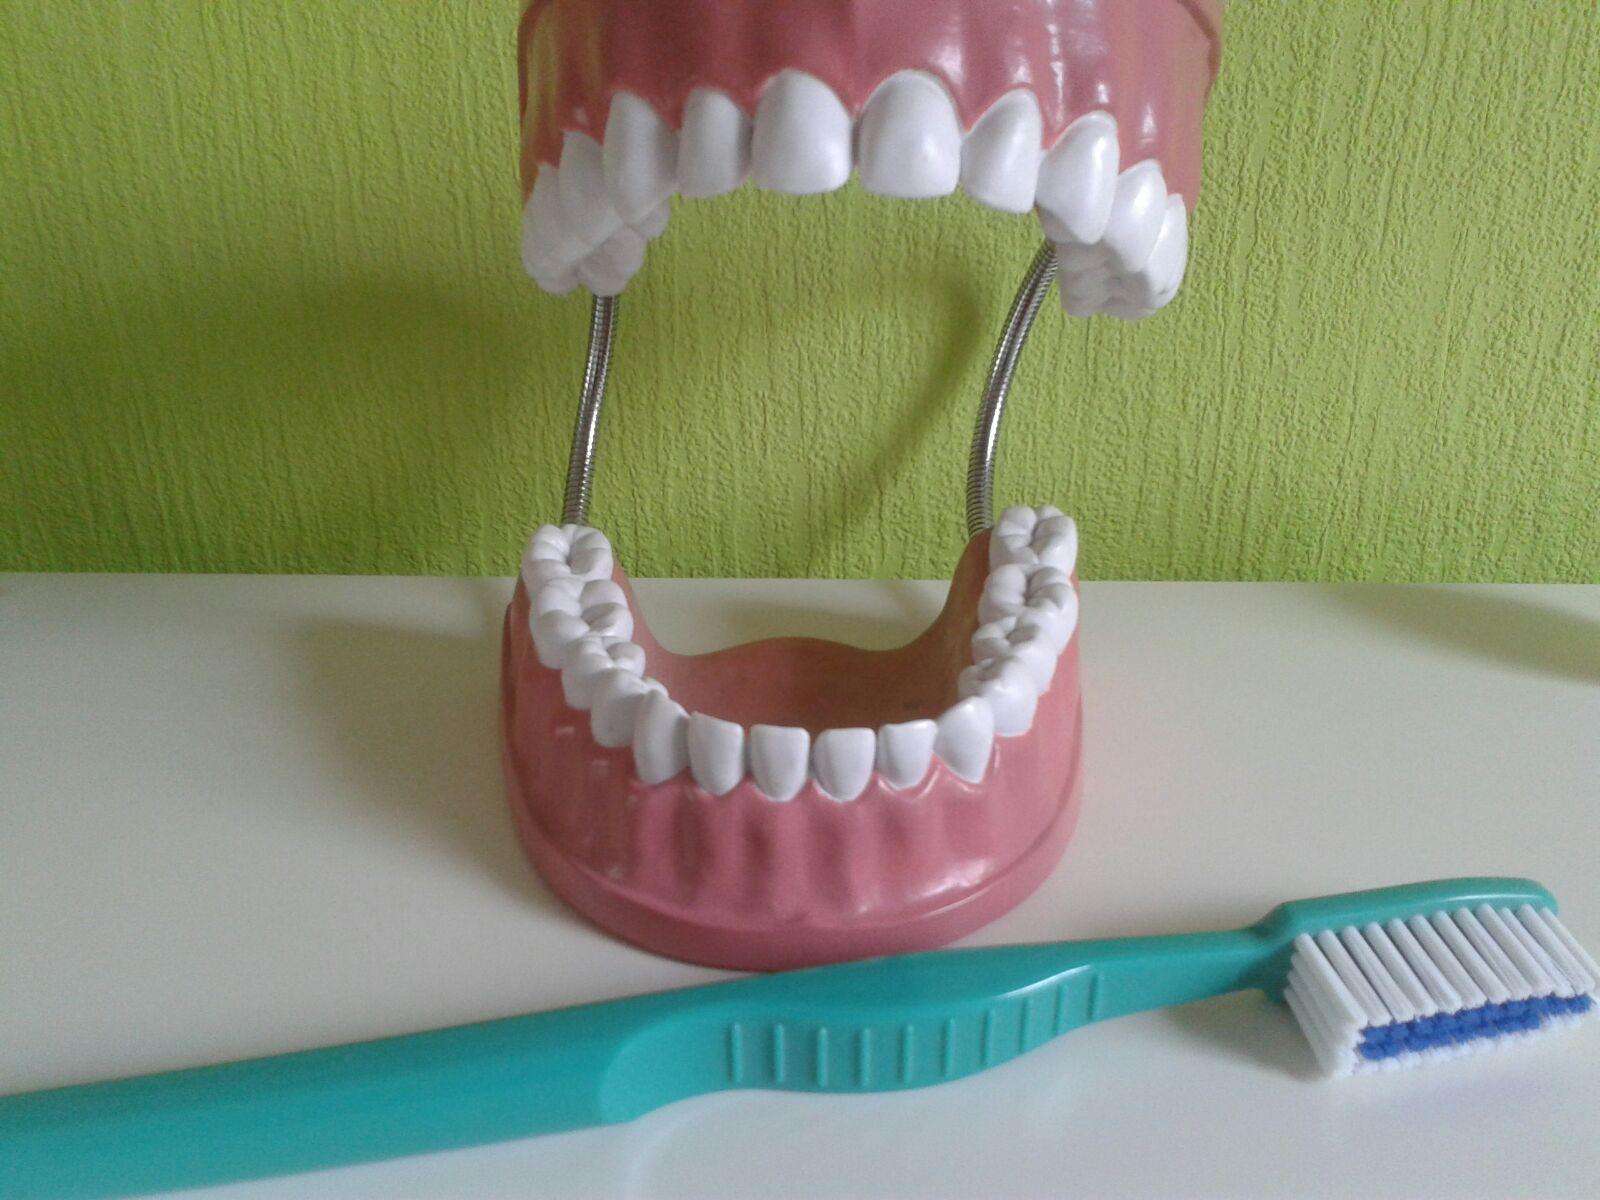 Themenwoche: Gesunde Zähne